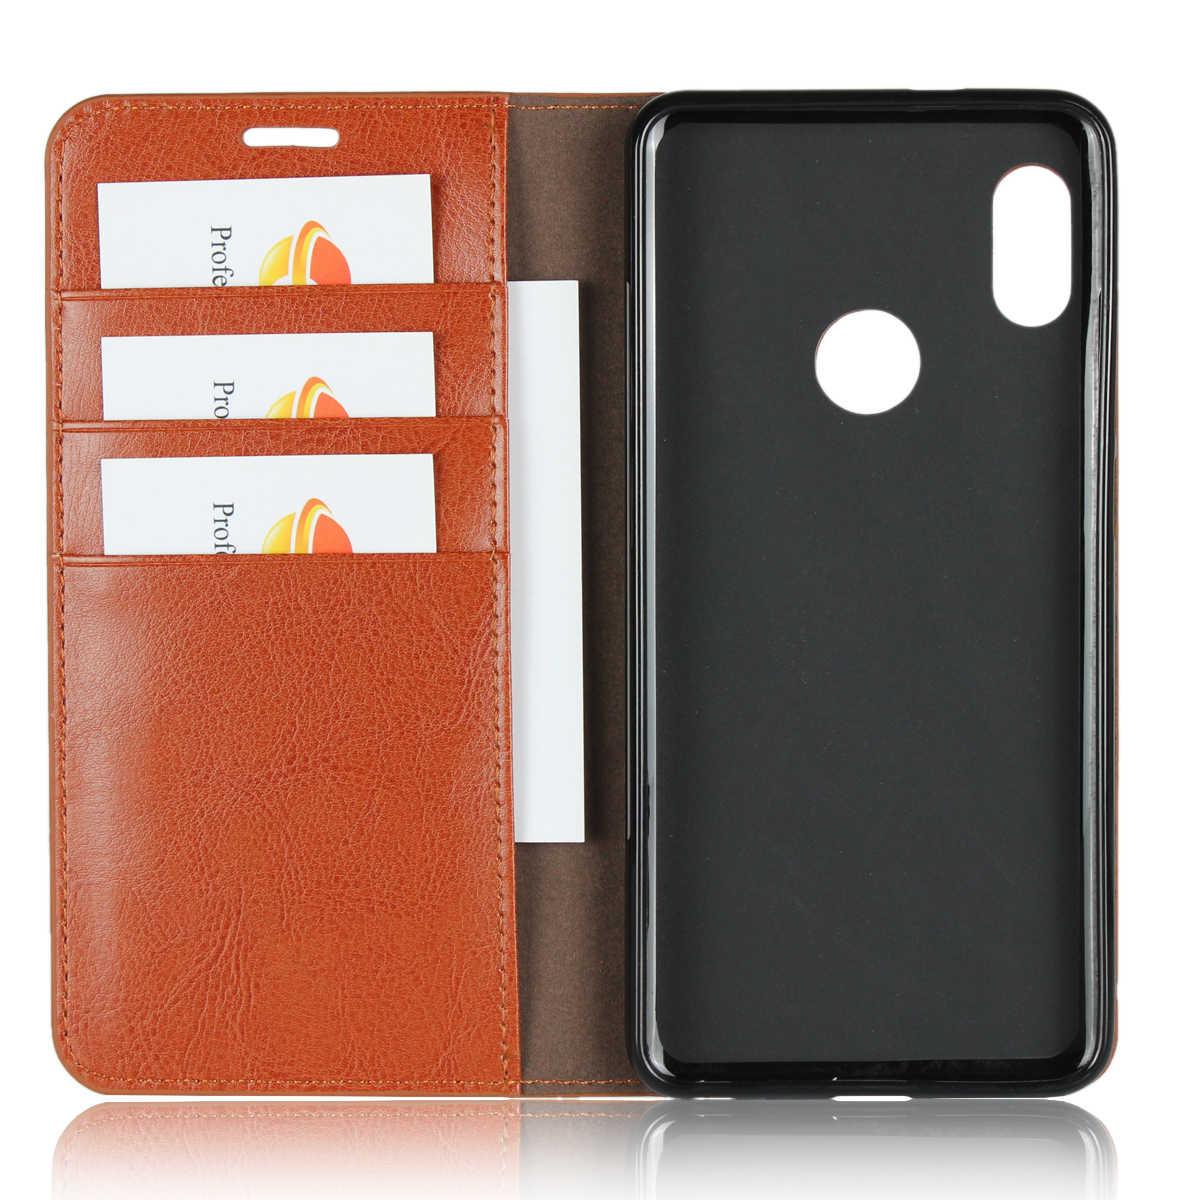 טבעי אמיתי עור עור Flip ארנק ספר טלפון מקרה כיסוי על לxiaomi Redmi הערה 5 פרו Note5 5Pro הגלובלי 32/64 GB Xiomi